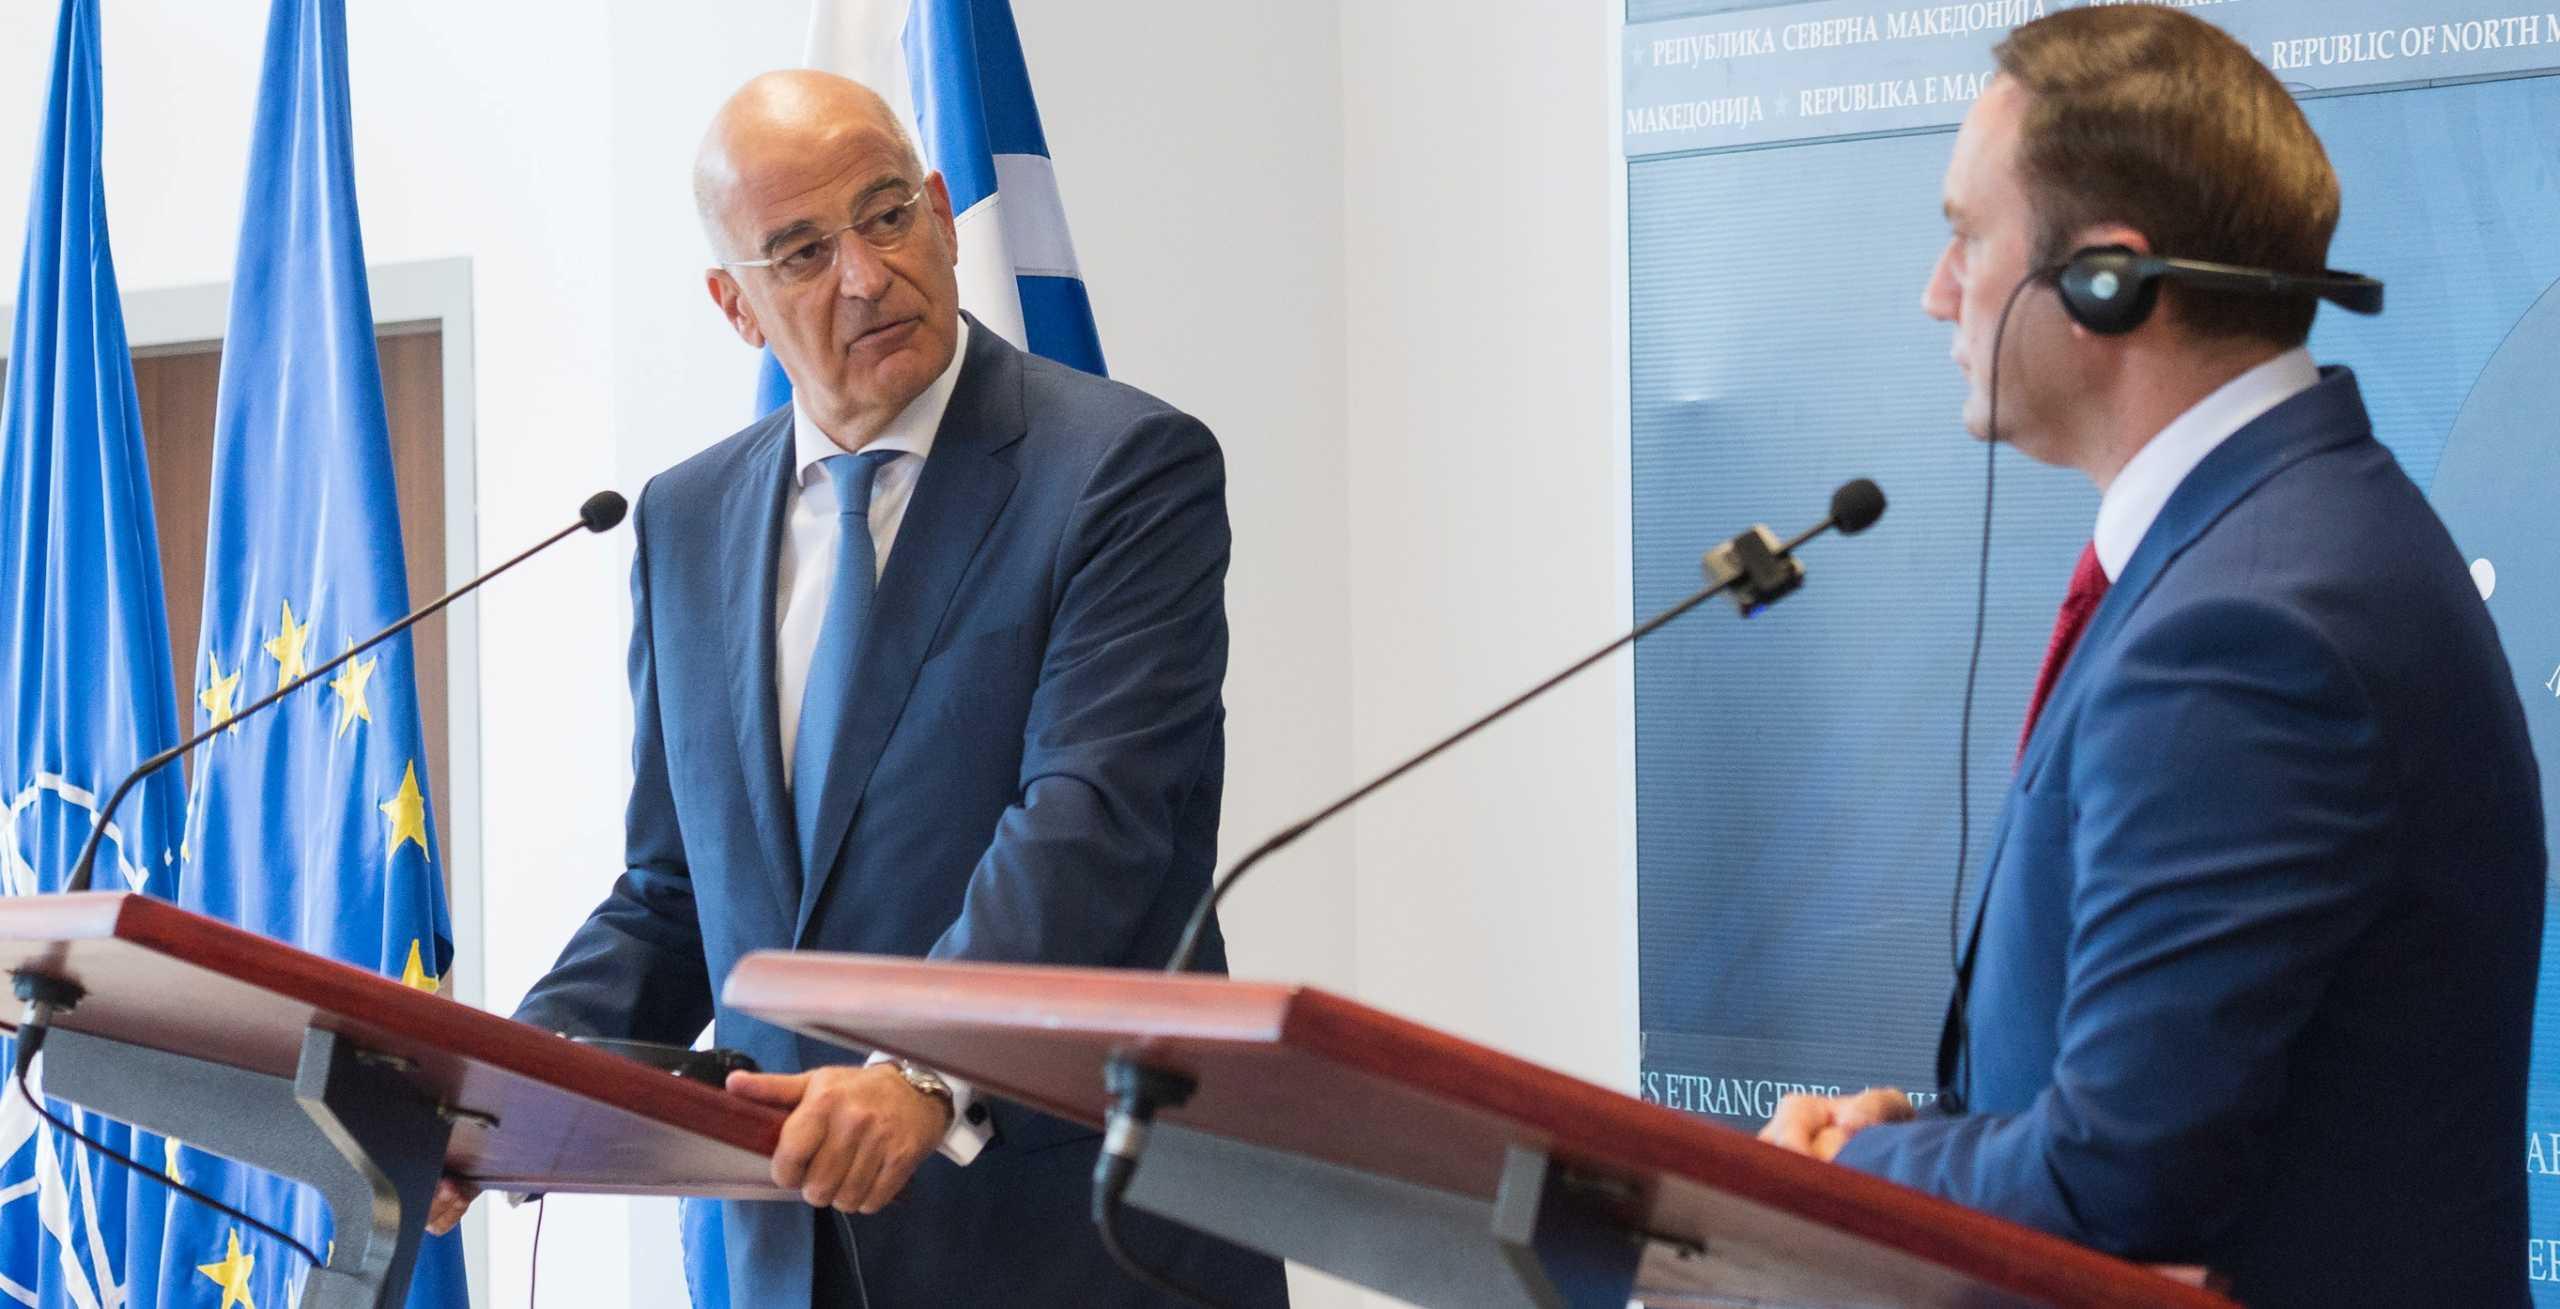 Δένδιας από Βόρεια Μακεδονία: Η Συμφωνία των Πρεσπών και τα «καρφιά» για την Τουρκία